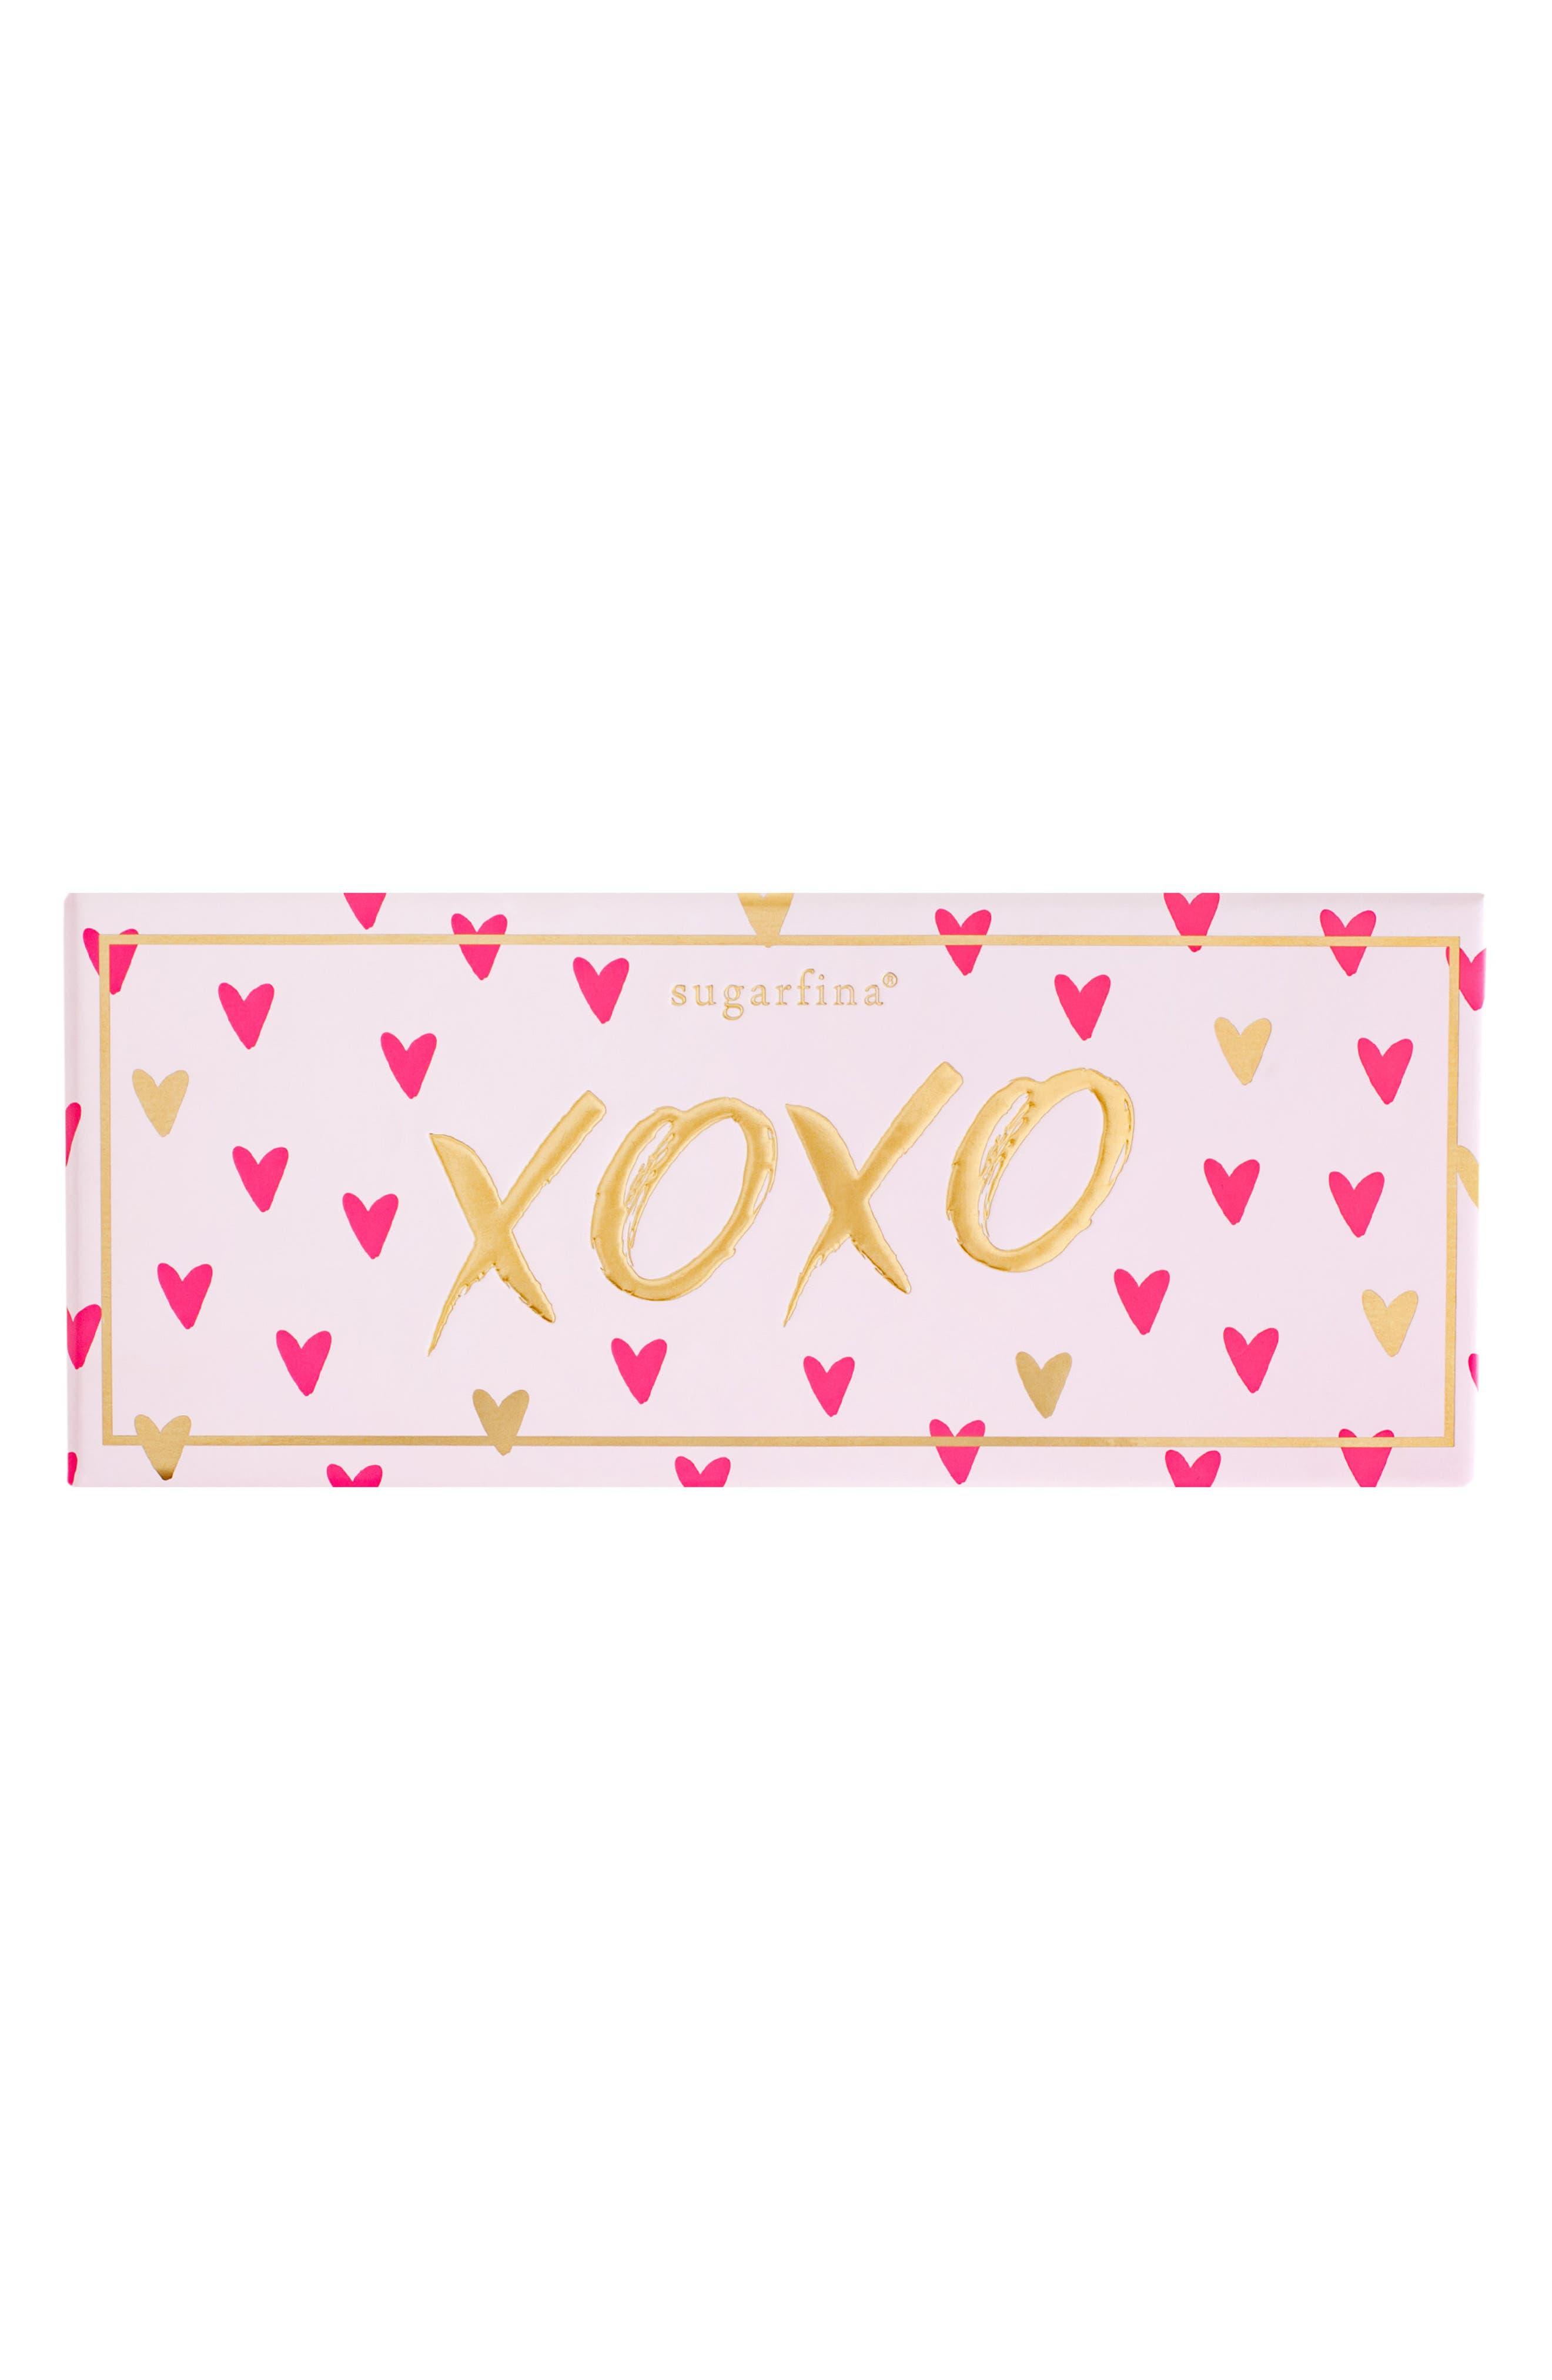 XOXO 3-Piece Candy Bento Box,                             Alternate thumbnail 3, color,                             PINK